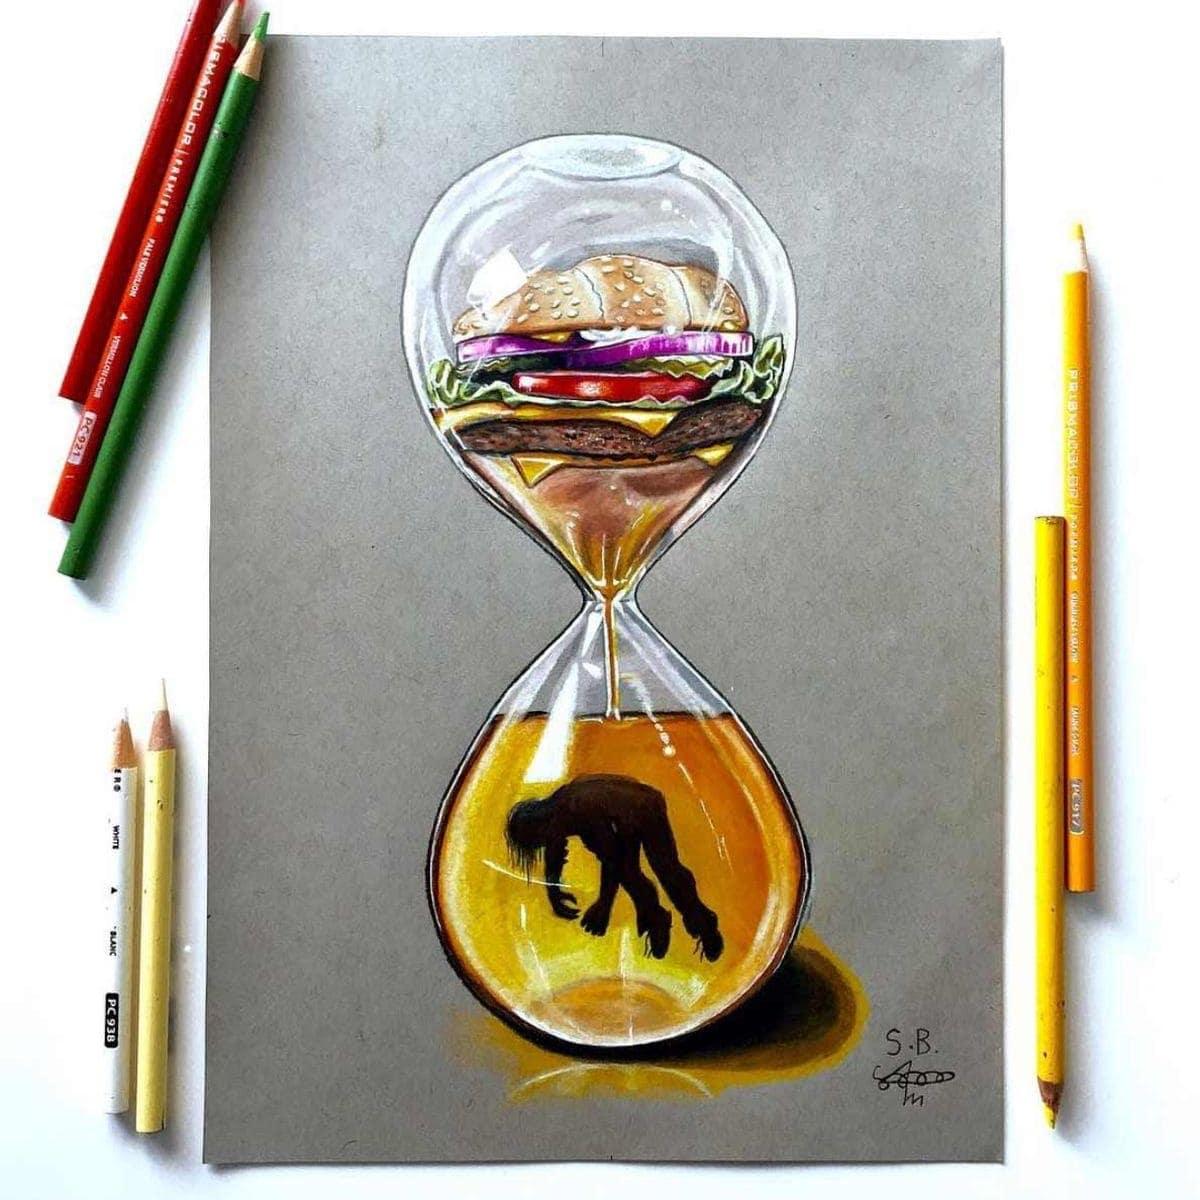 Gesellschaftskritische Buntstift-Zeichnungen von Sam Bailey | Design/Kunst | Was is hier eigentlich los?